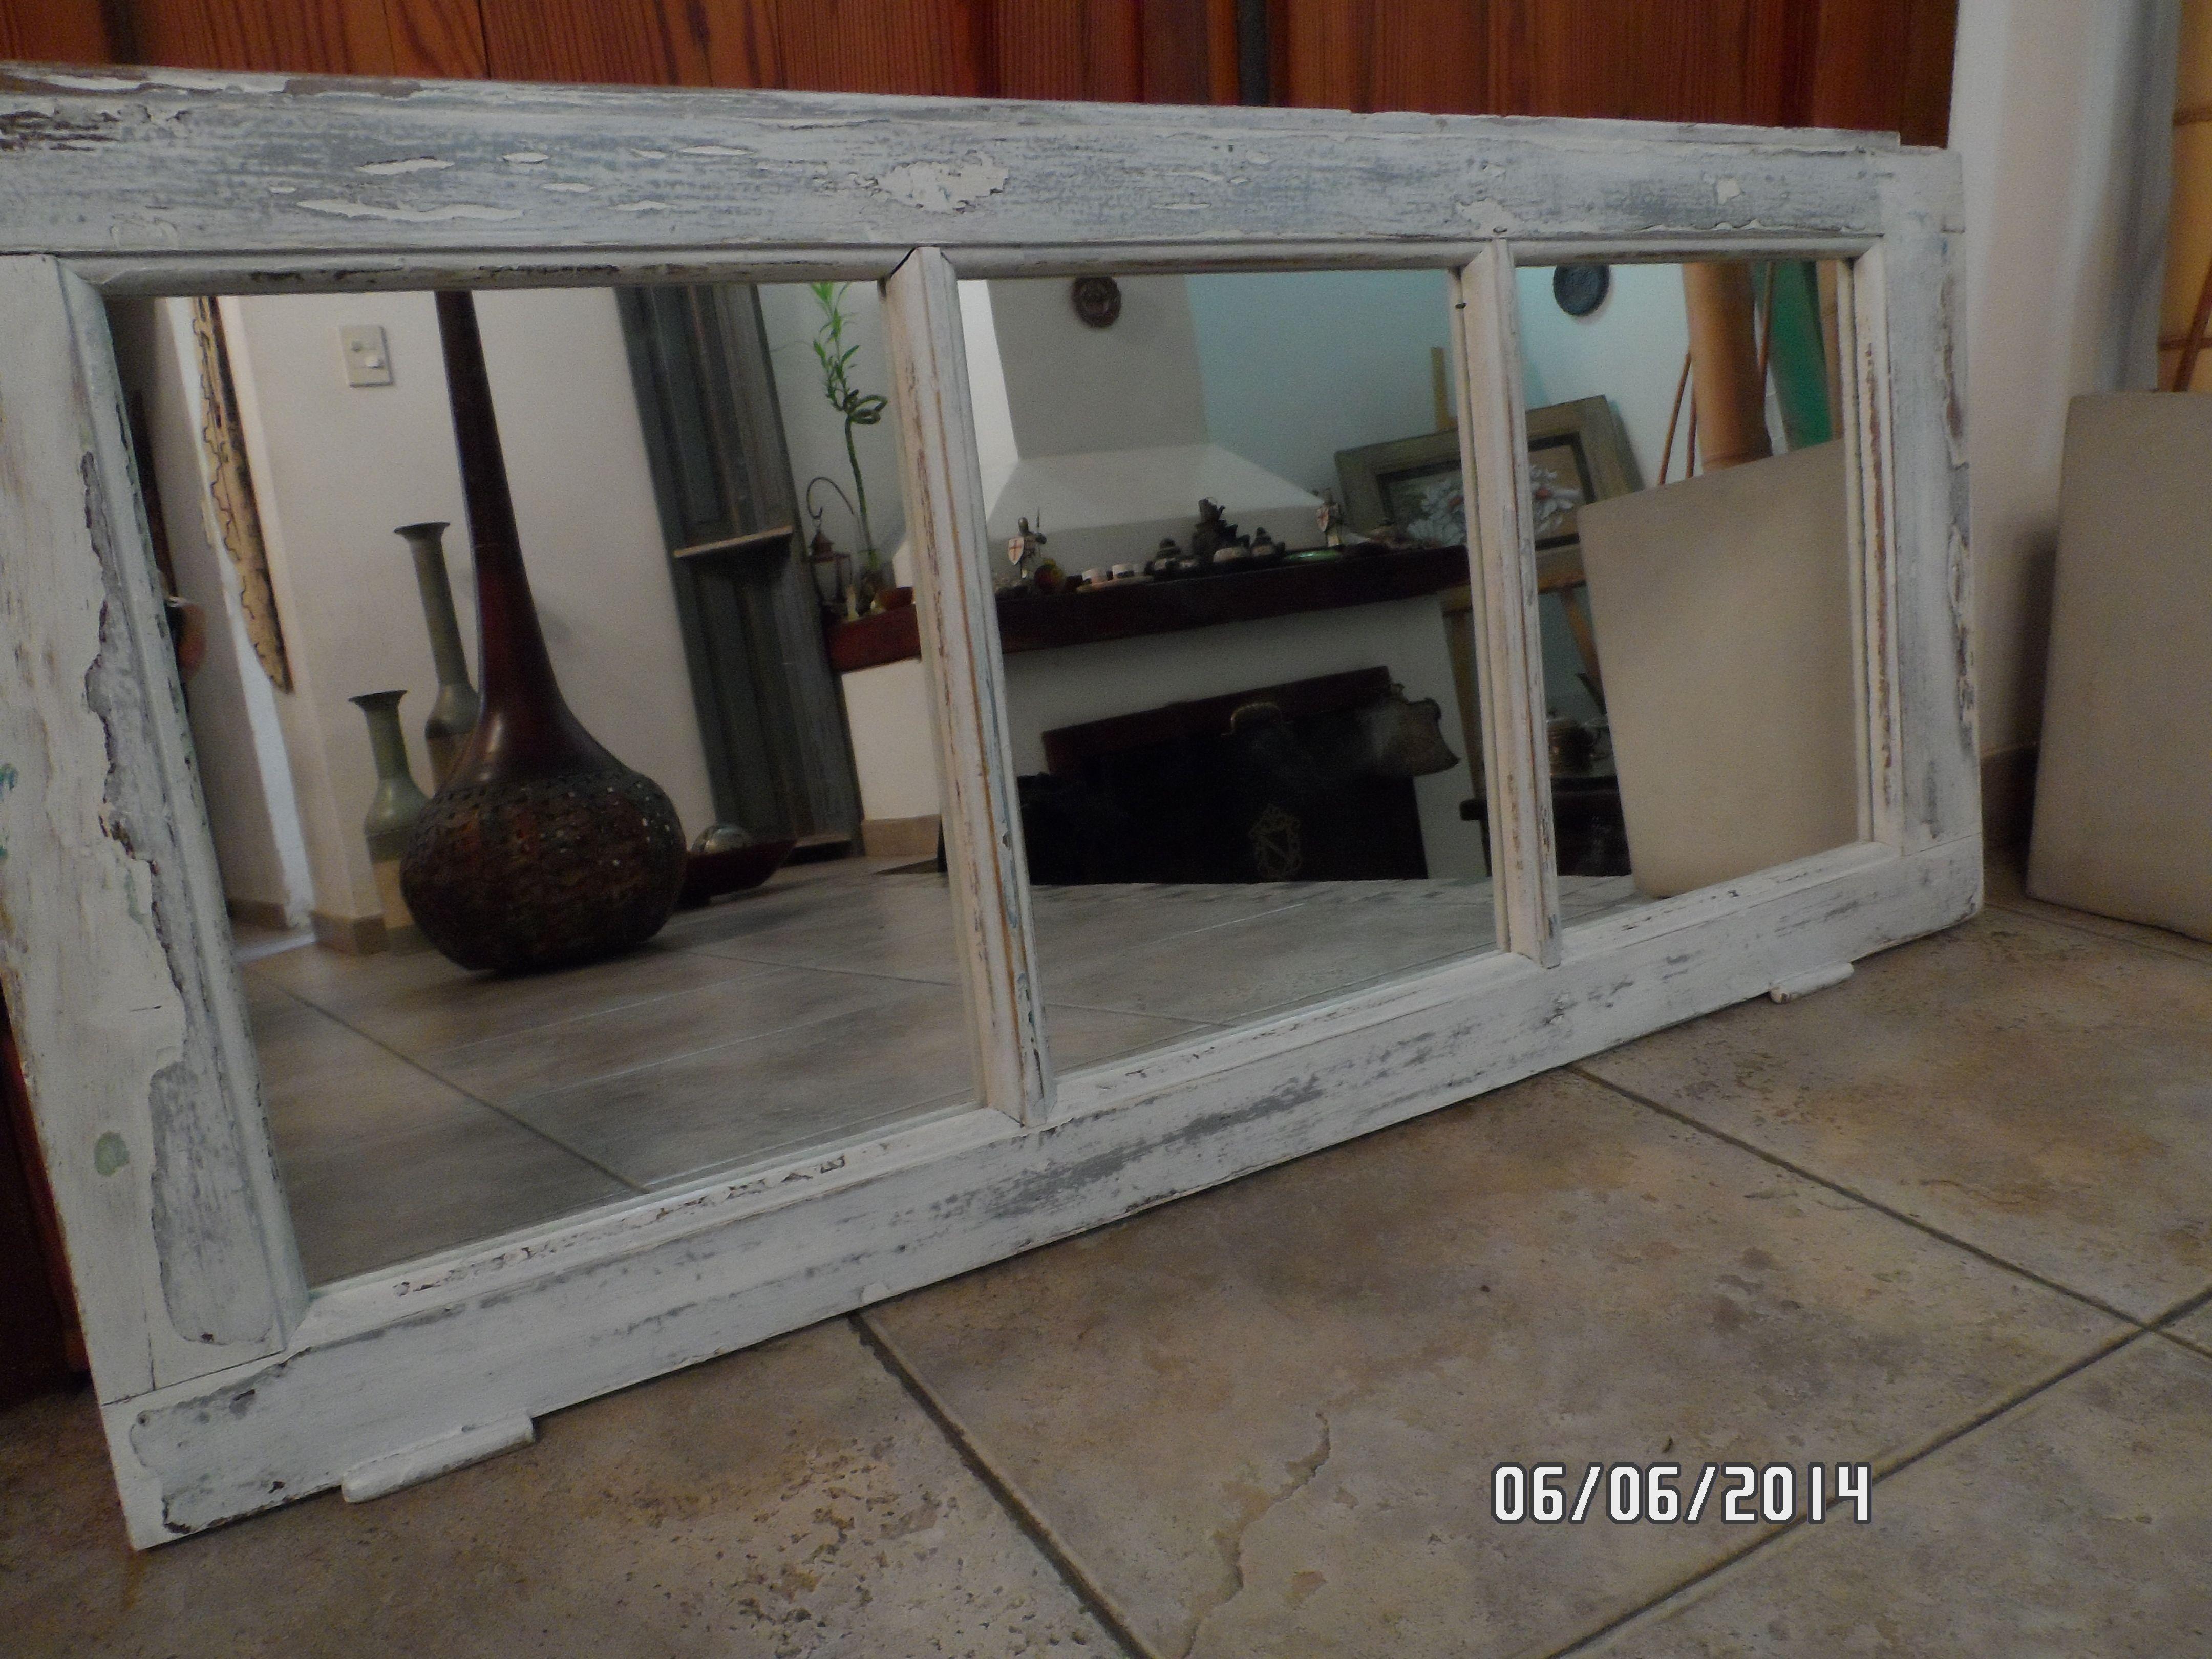 Banderola de puerta antigua transformada en espejo. Divina para la ...